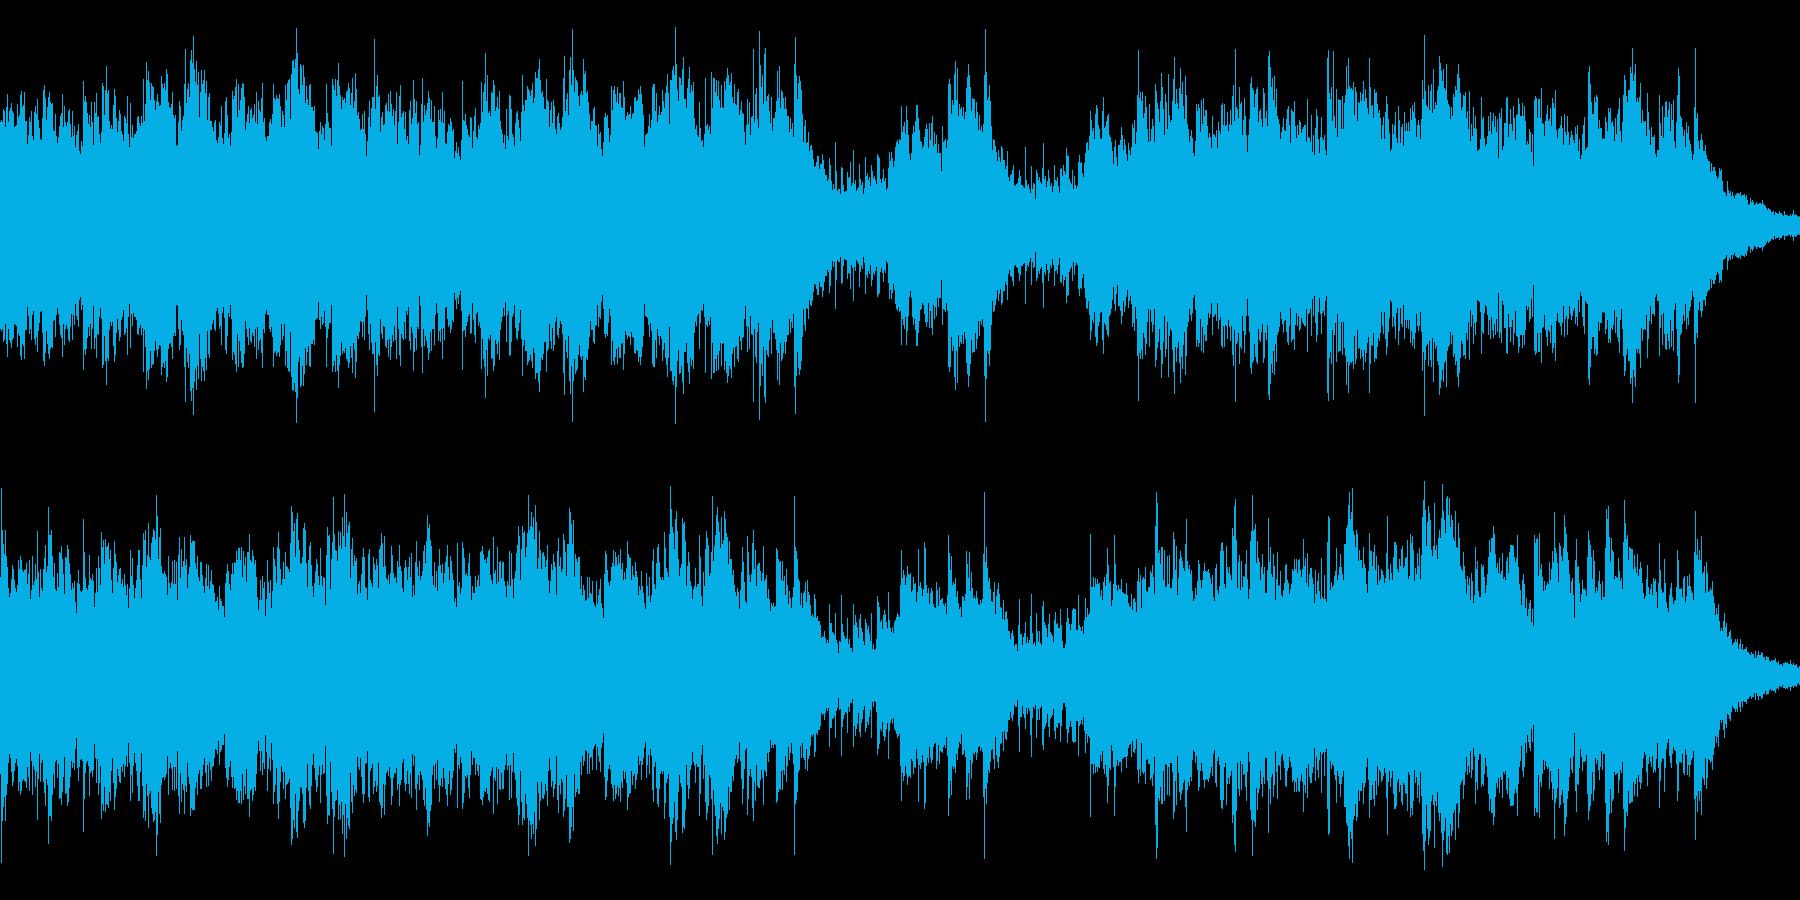 シリアスで疾走感のあるピアノ曲ループの再生済みの波形